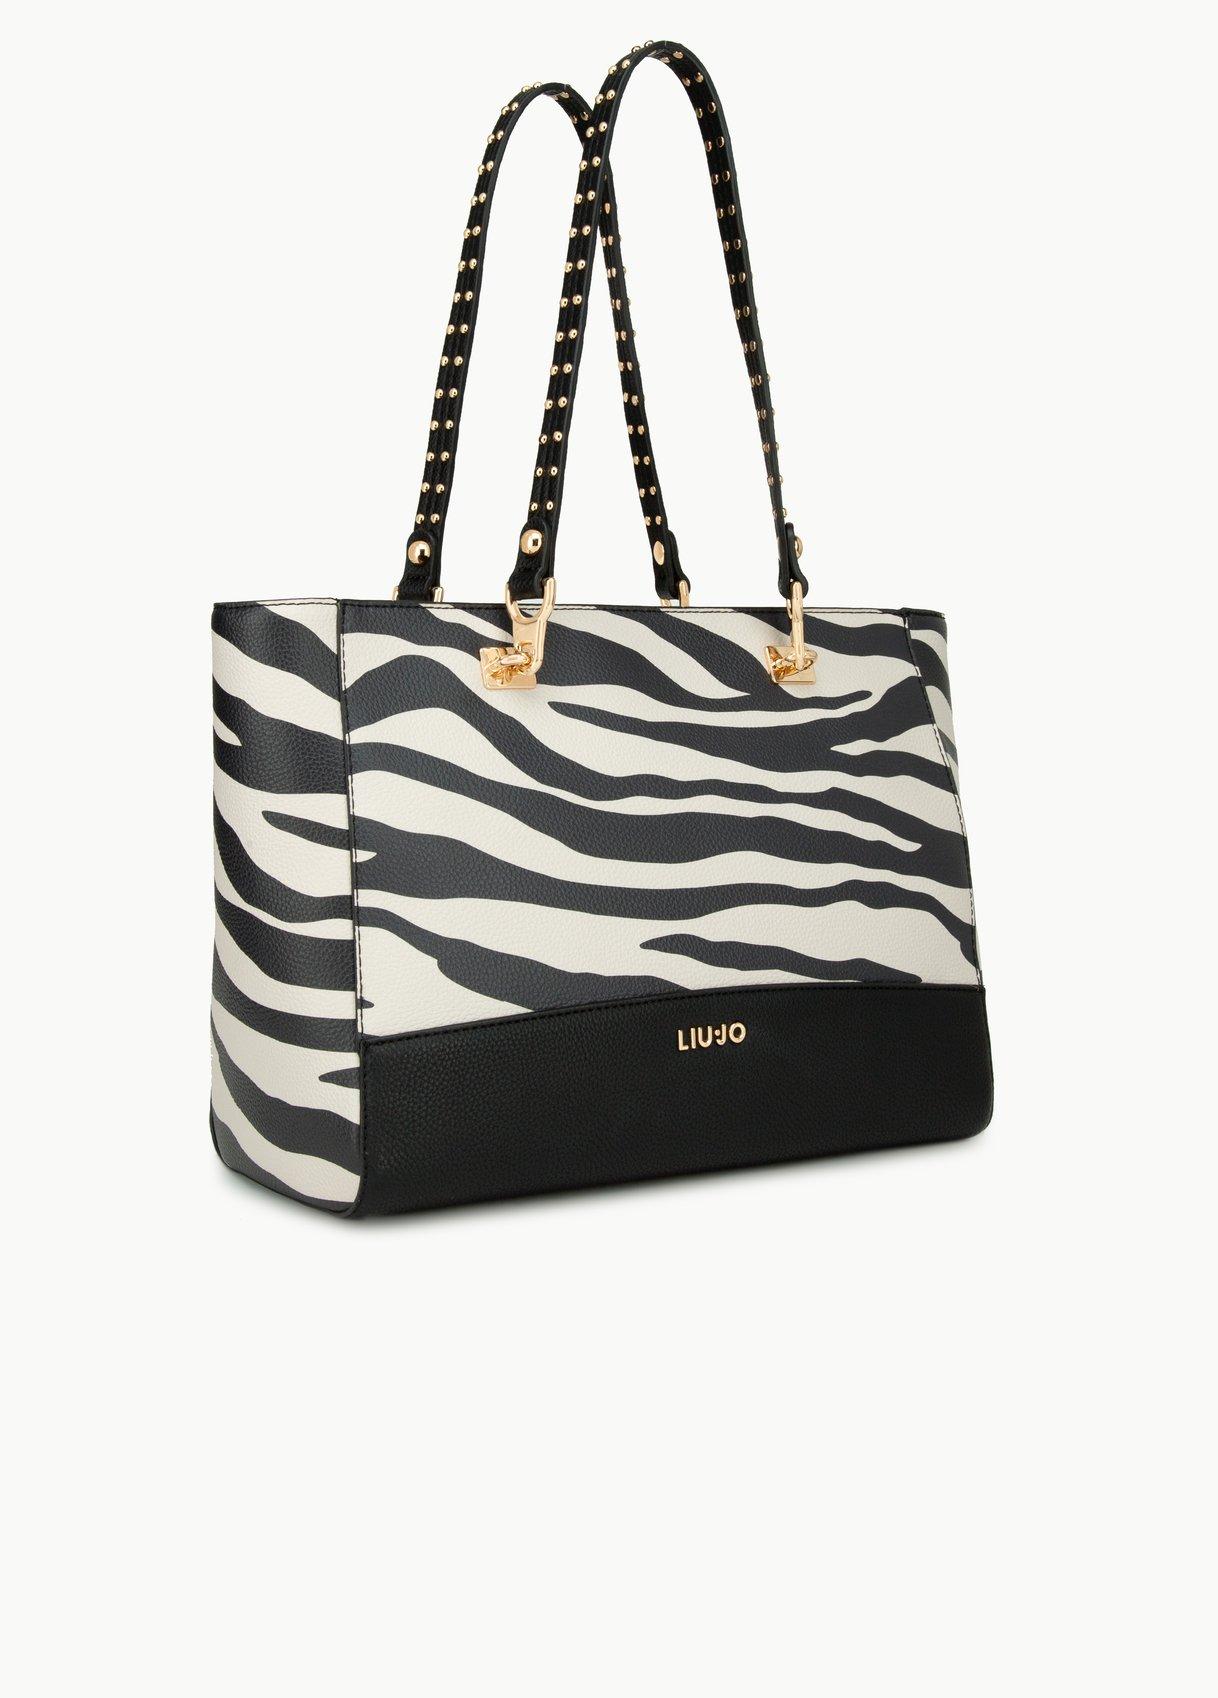 Shopping bag zebrato Liu Jo autunno inverno 2019 2020 prezzo 179 euro